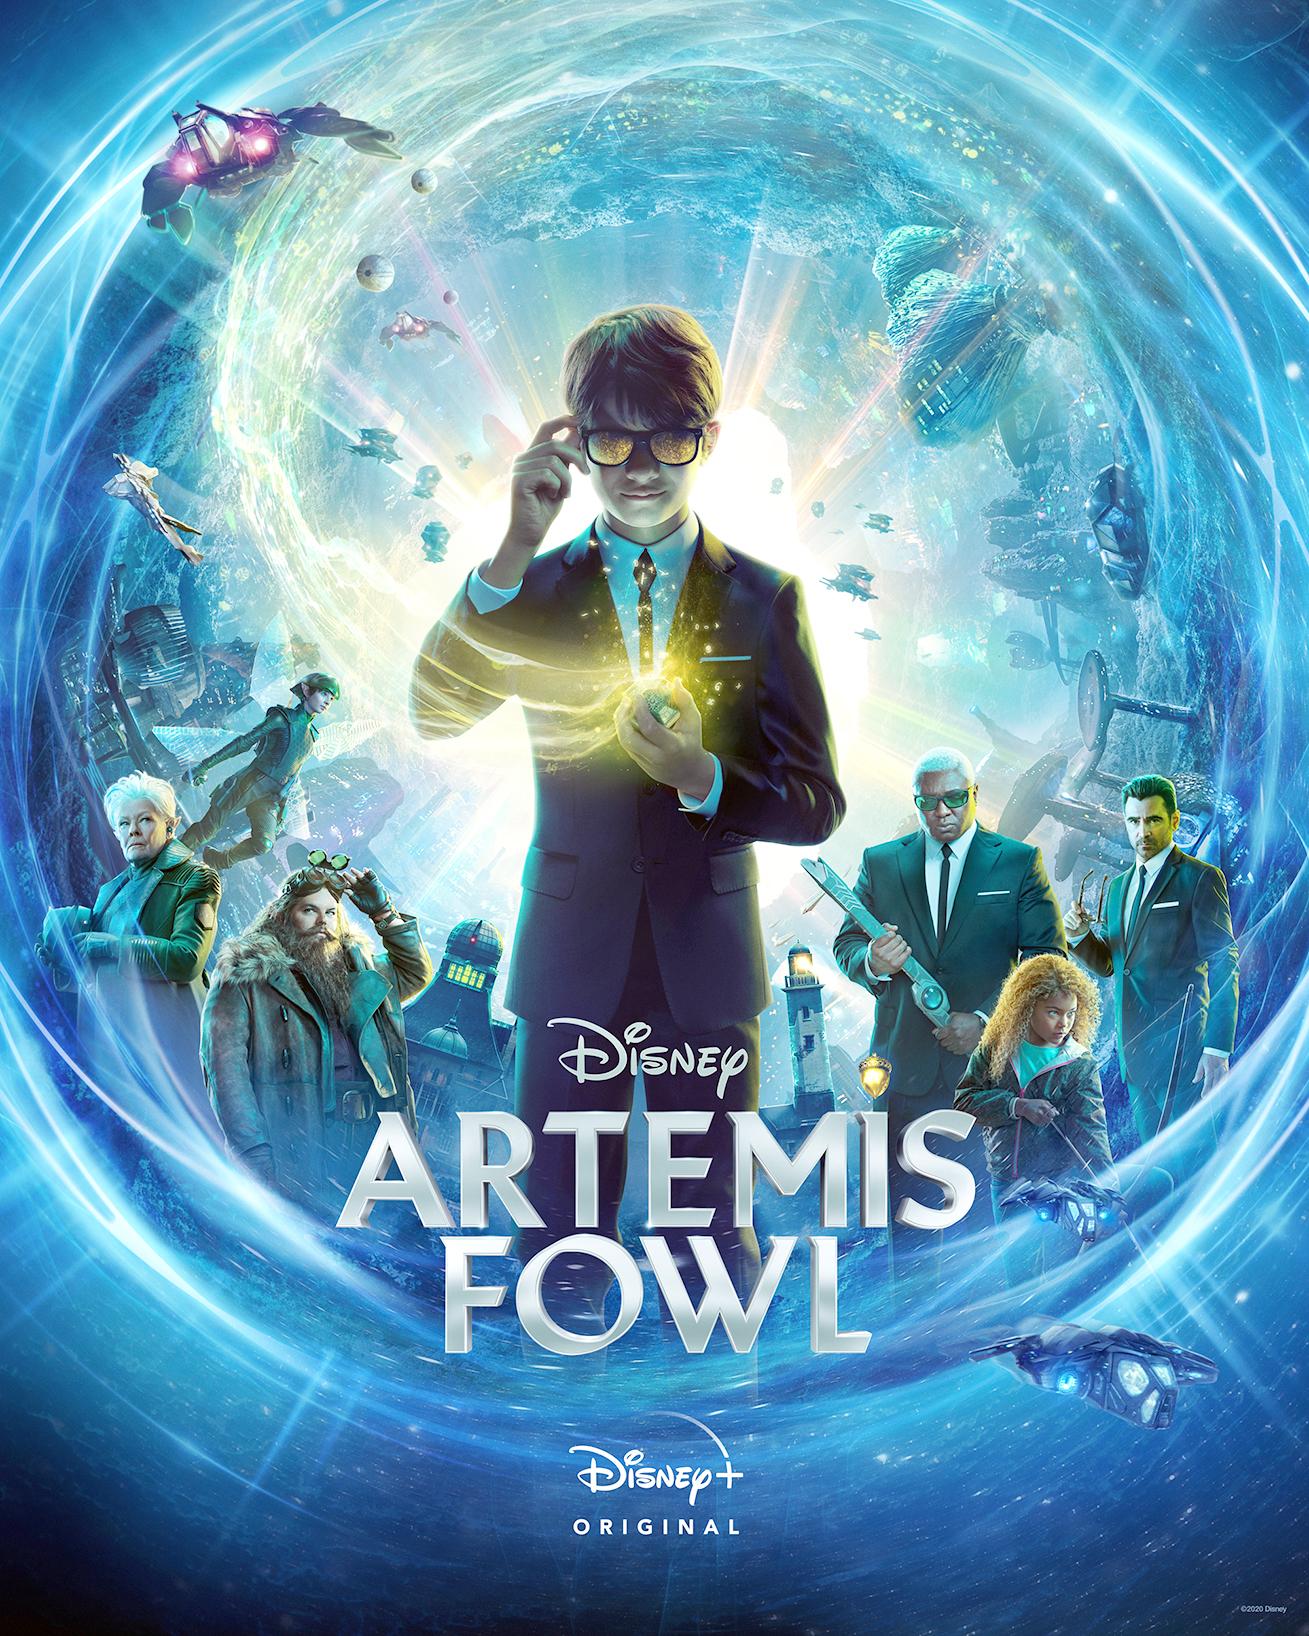 OSN تستعد لبث العرض الأول لفيلم ديزني Artemis Fowl